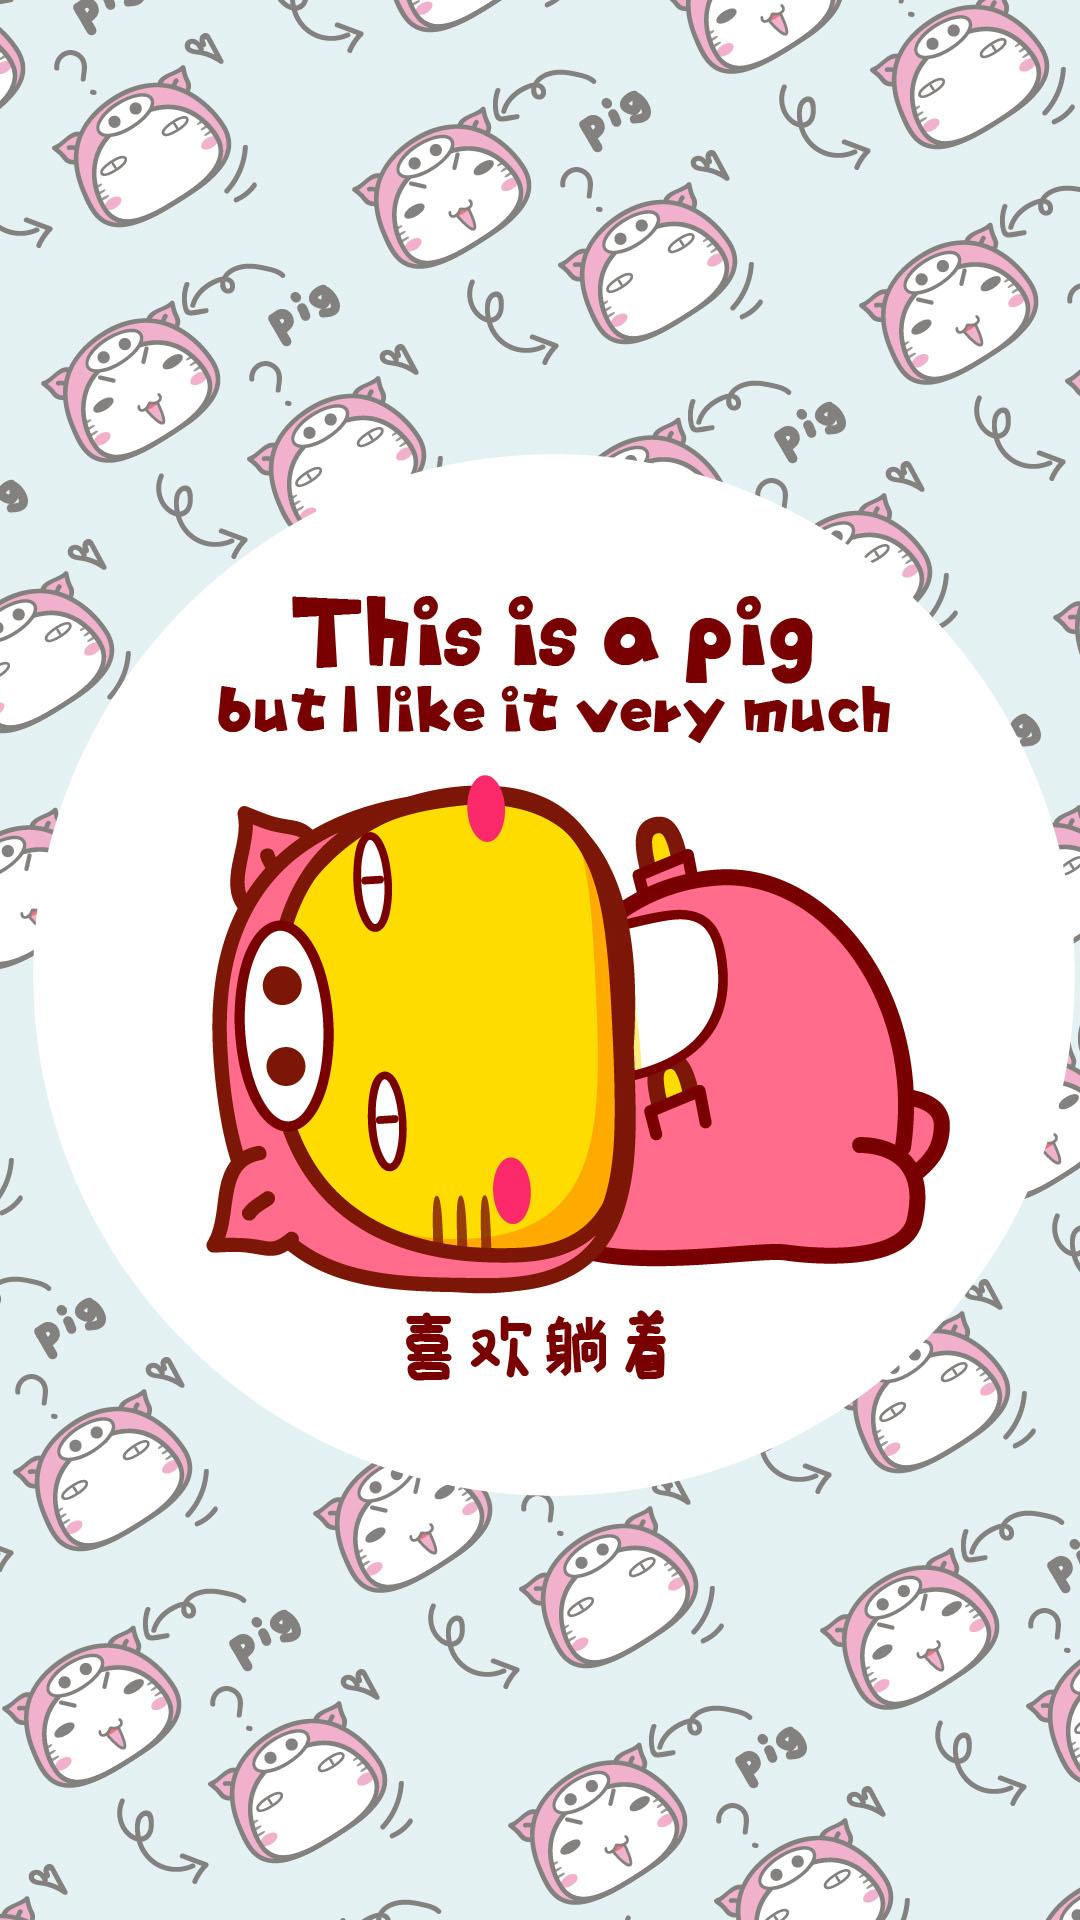 我大概是一头肥猪